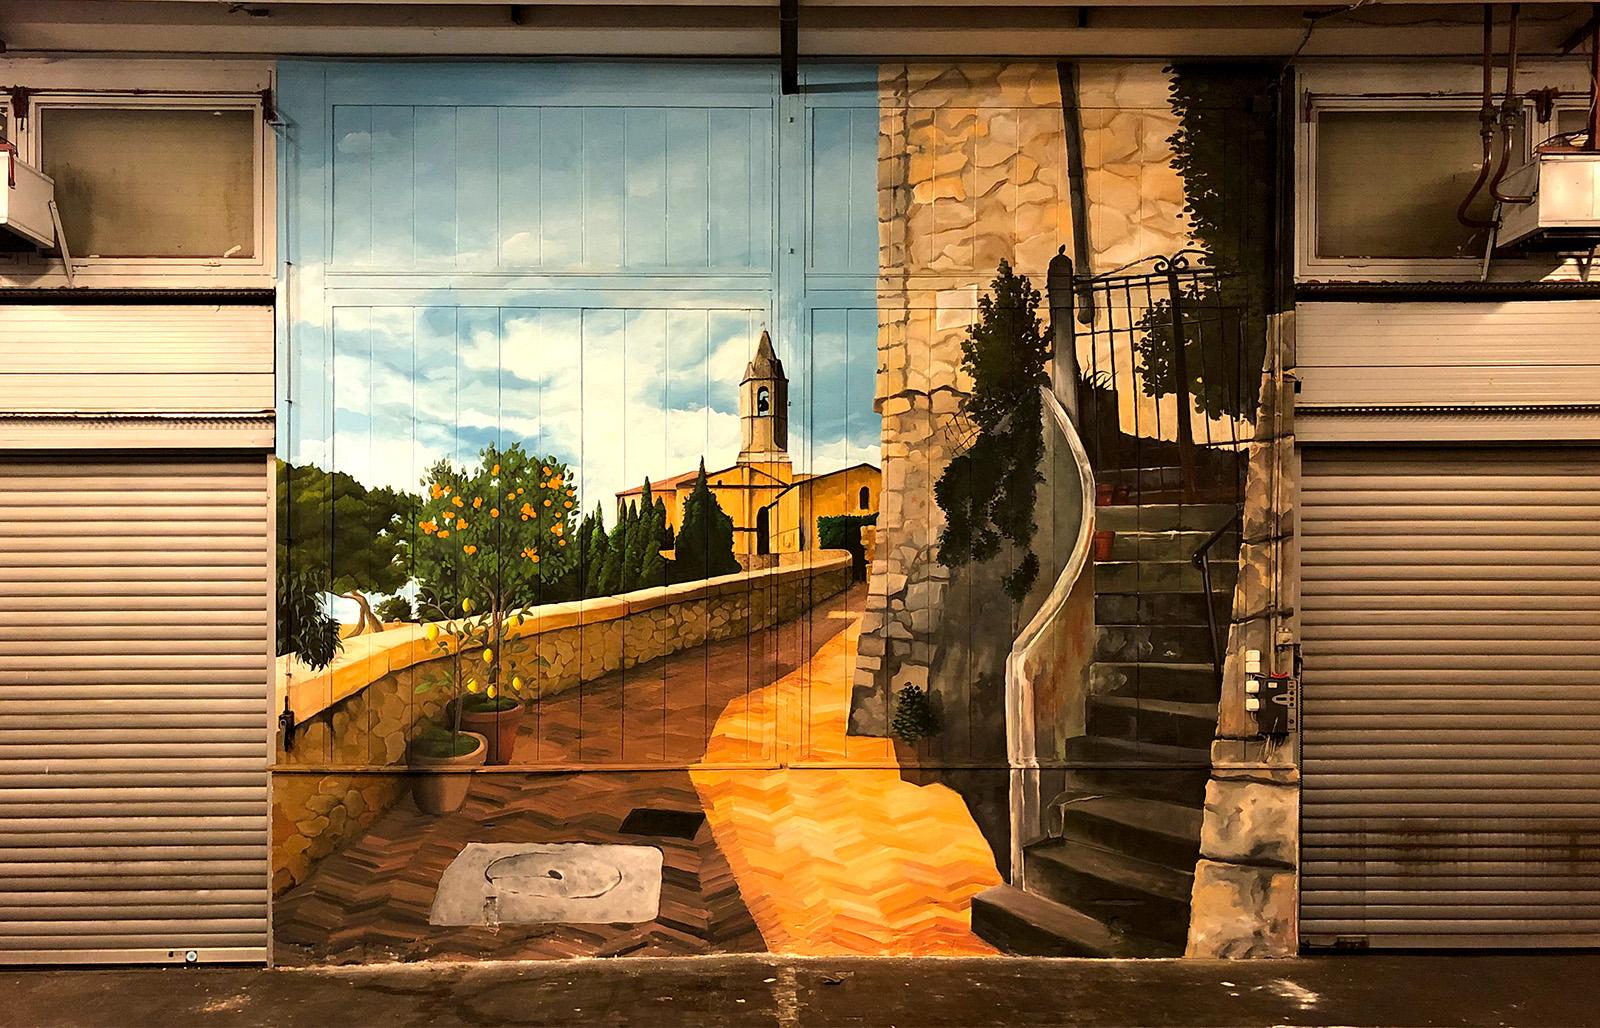 dekorfestés - olasz kisváros - neopaint works